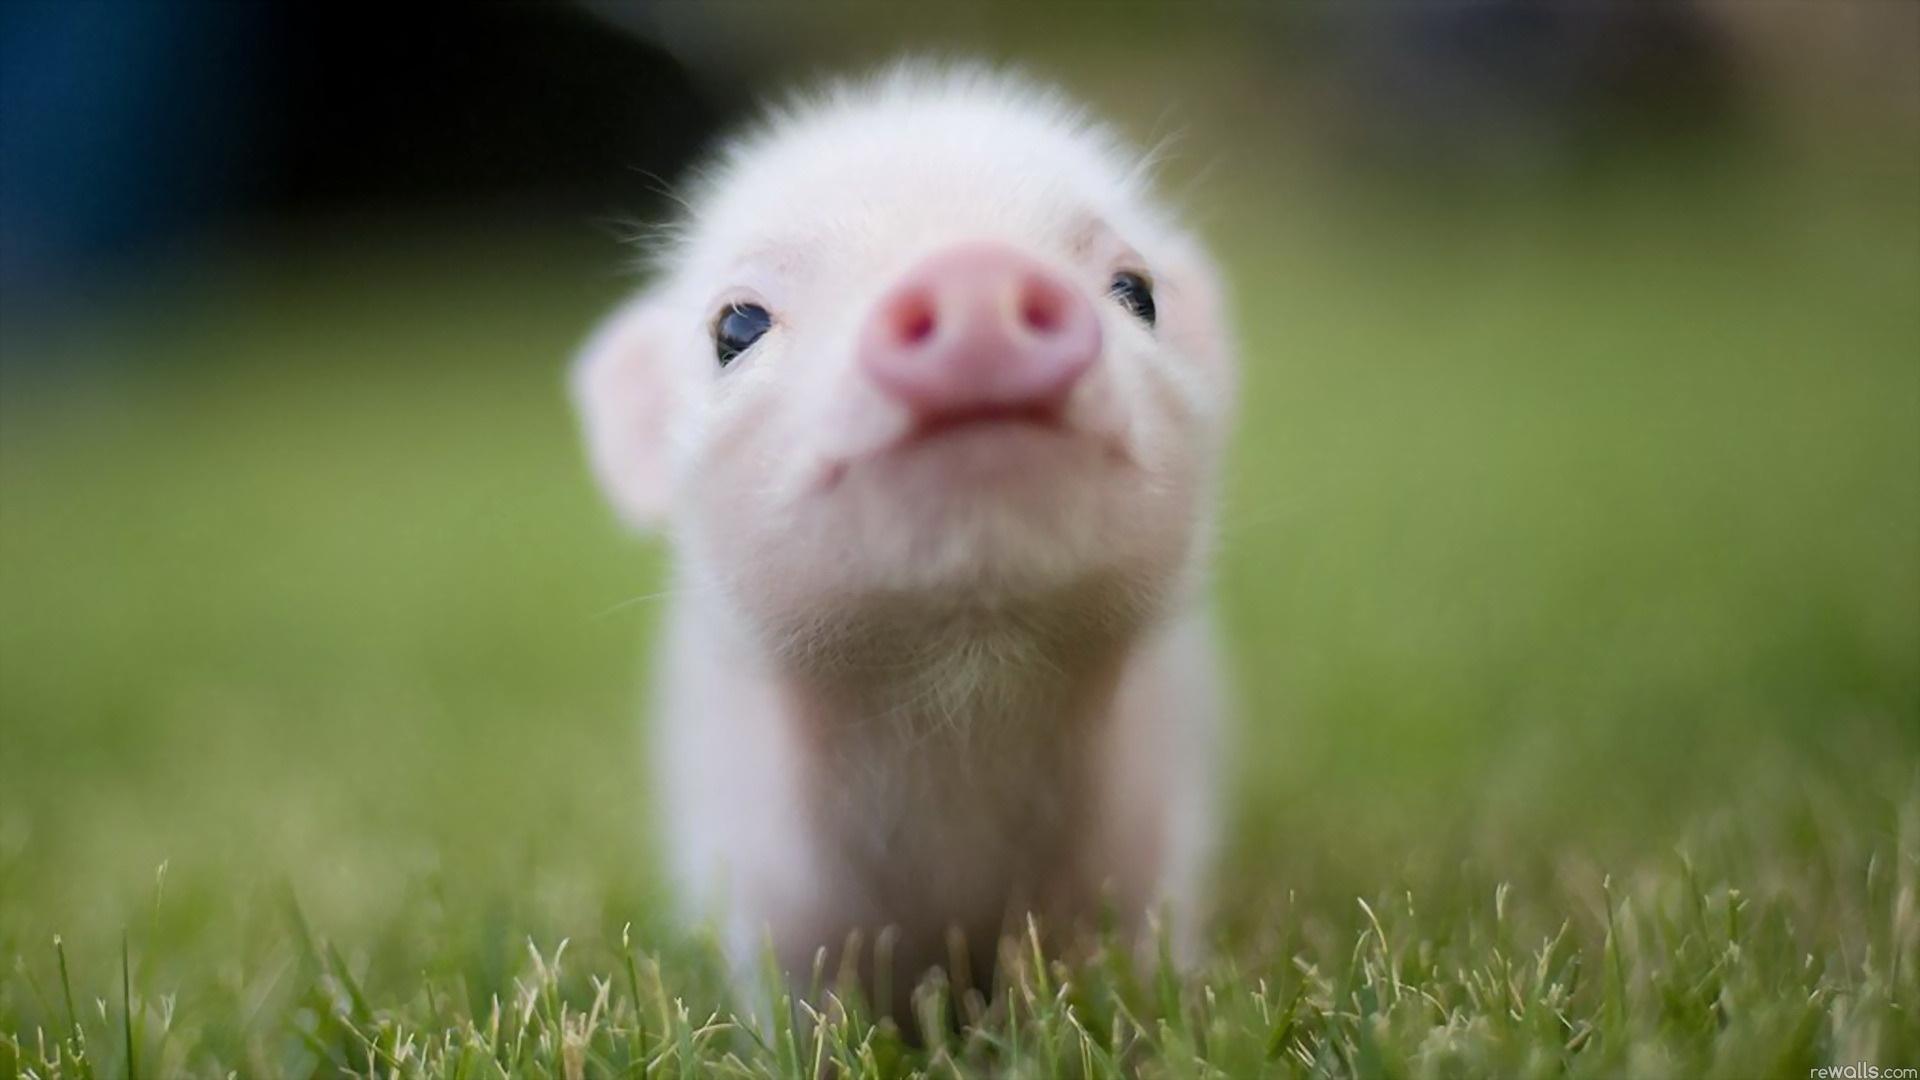 Laden Sie das kostenlose Hintergrundbild 18438: Tiere, Schweine Hintergrundbild für das Handy herunter